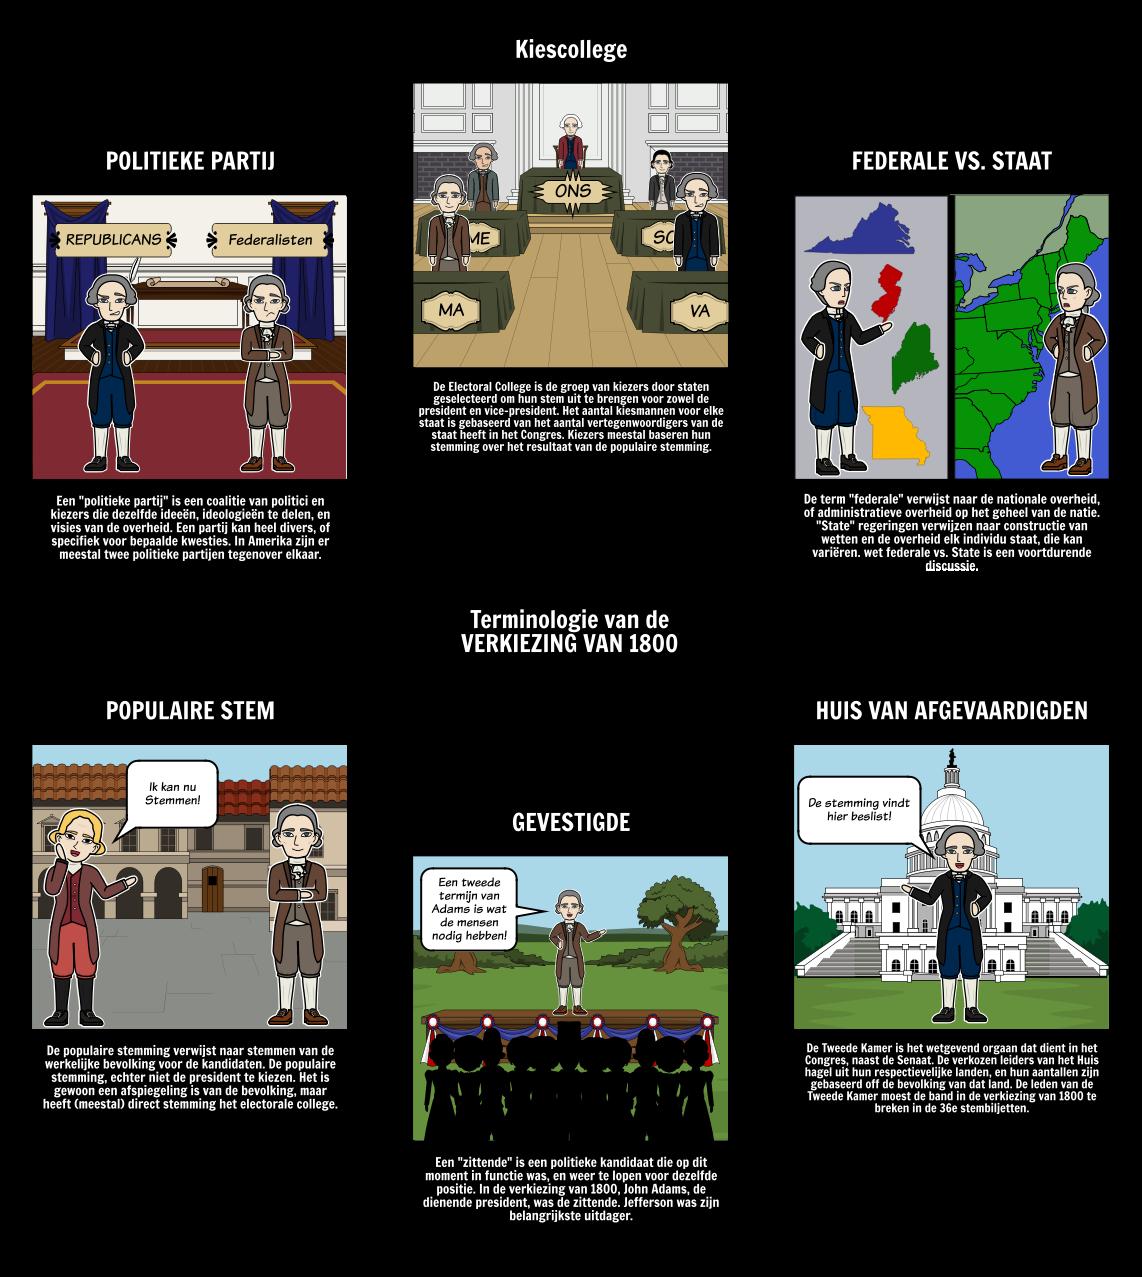 De Verkiezing van 1800 - Terminologieën in Inzicht in de Verkiezing van 180